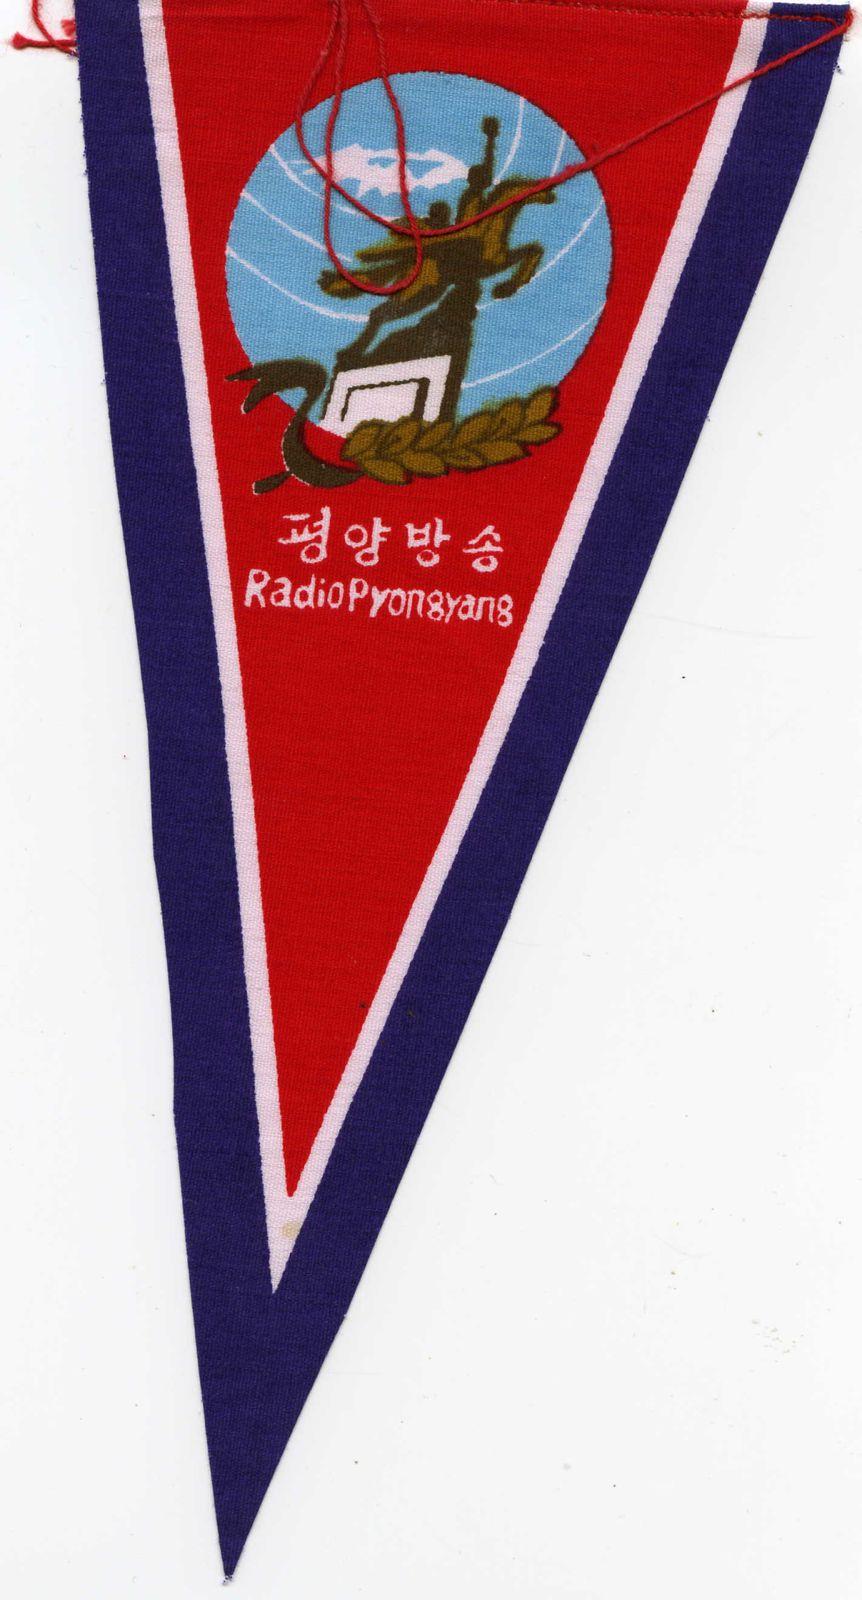 Radio Pyongyang